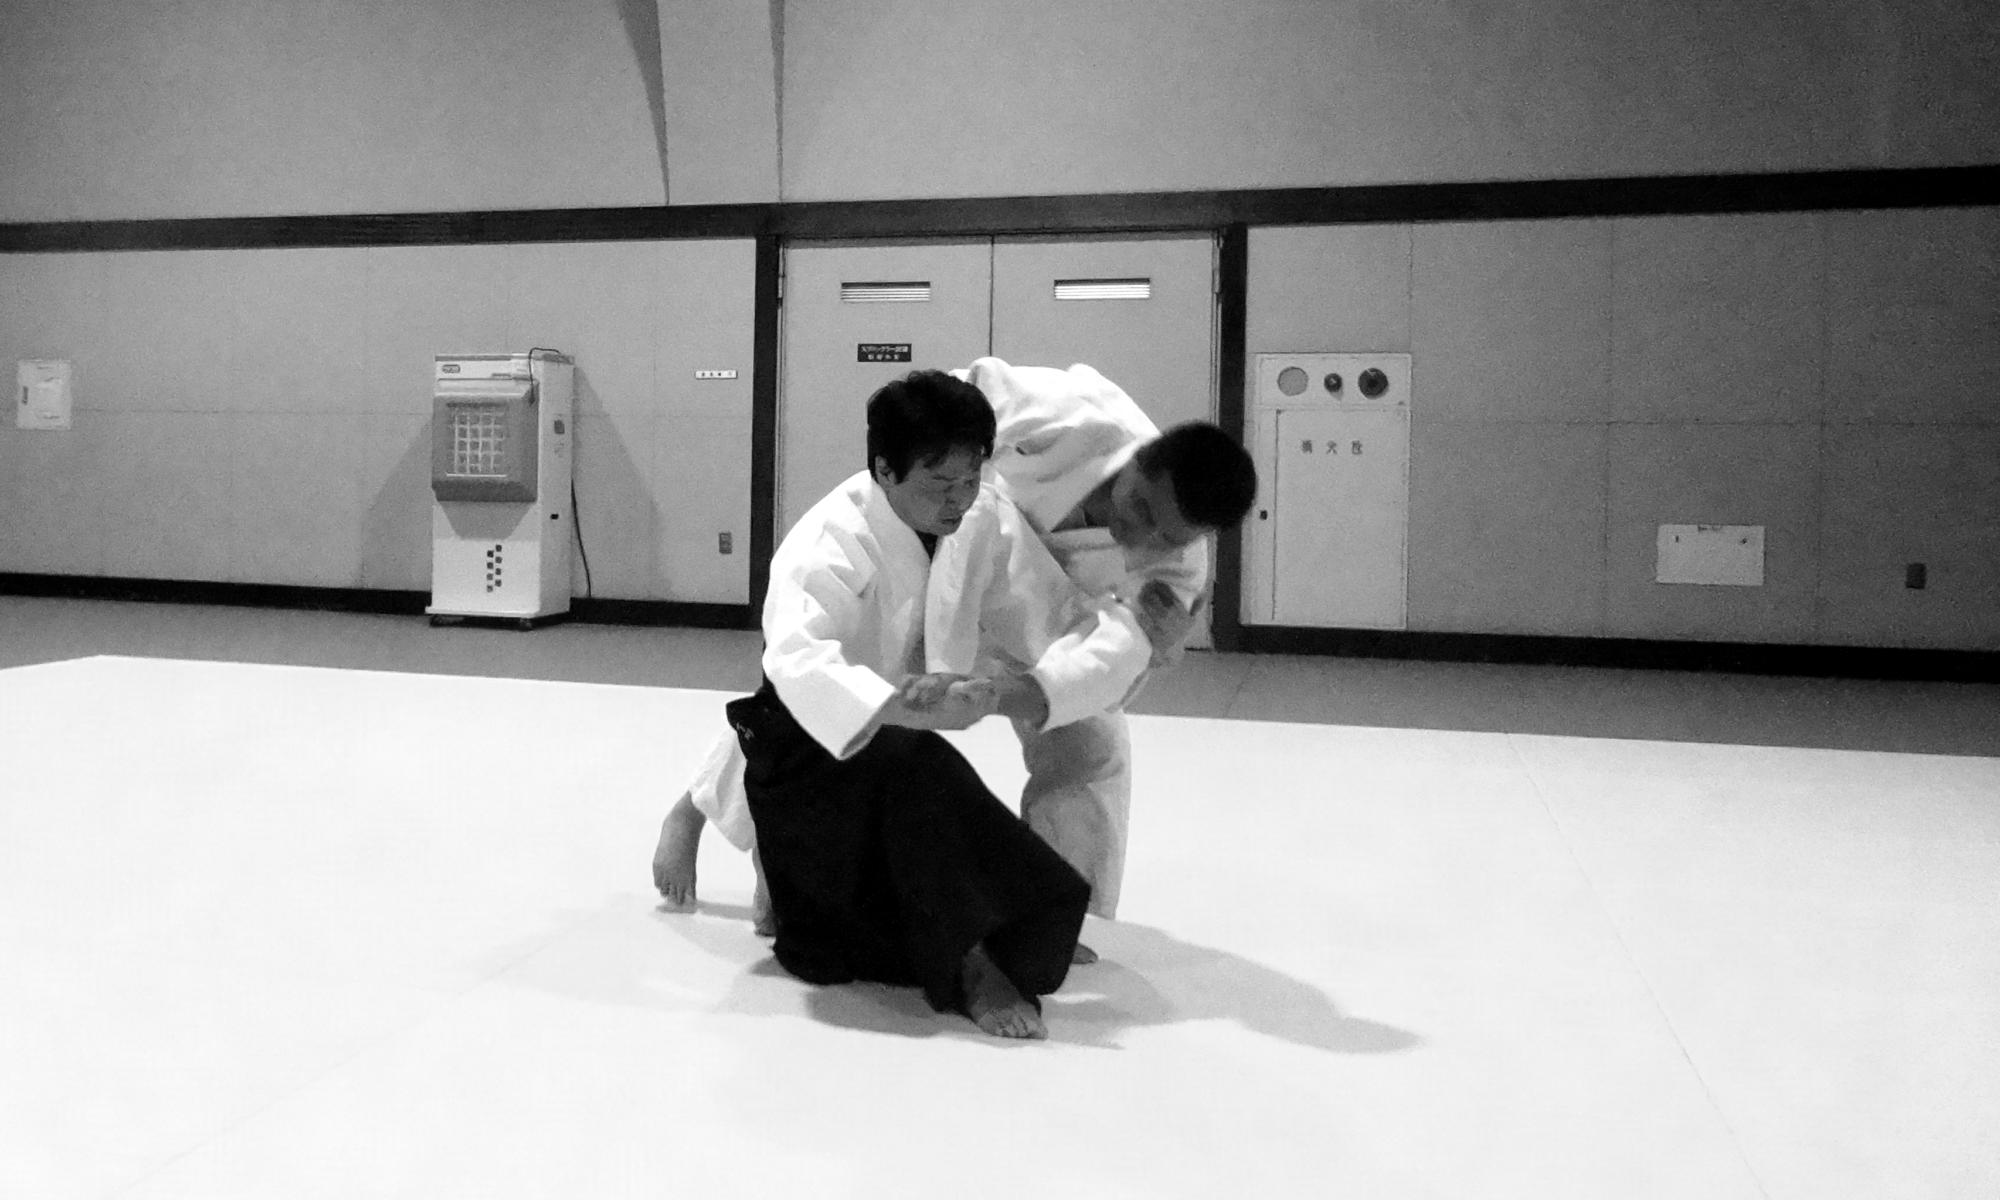 安佐南合気道倶楽部/Asa-minami Aikido Club